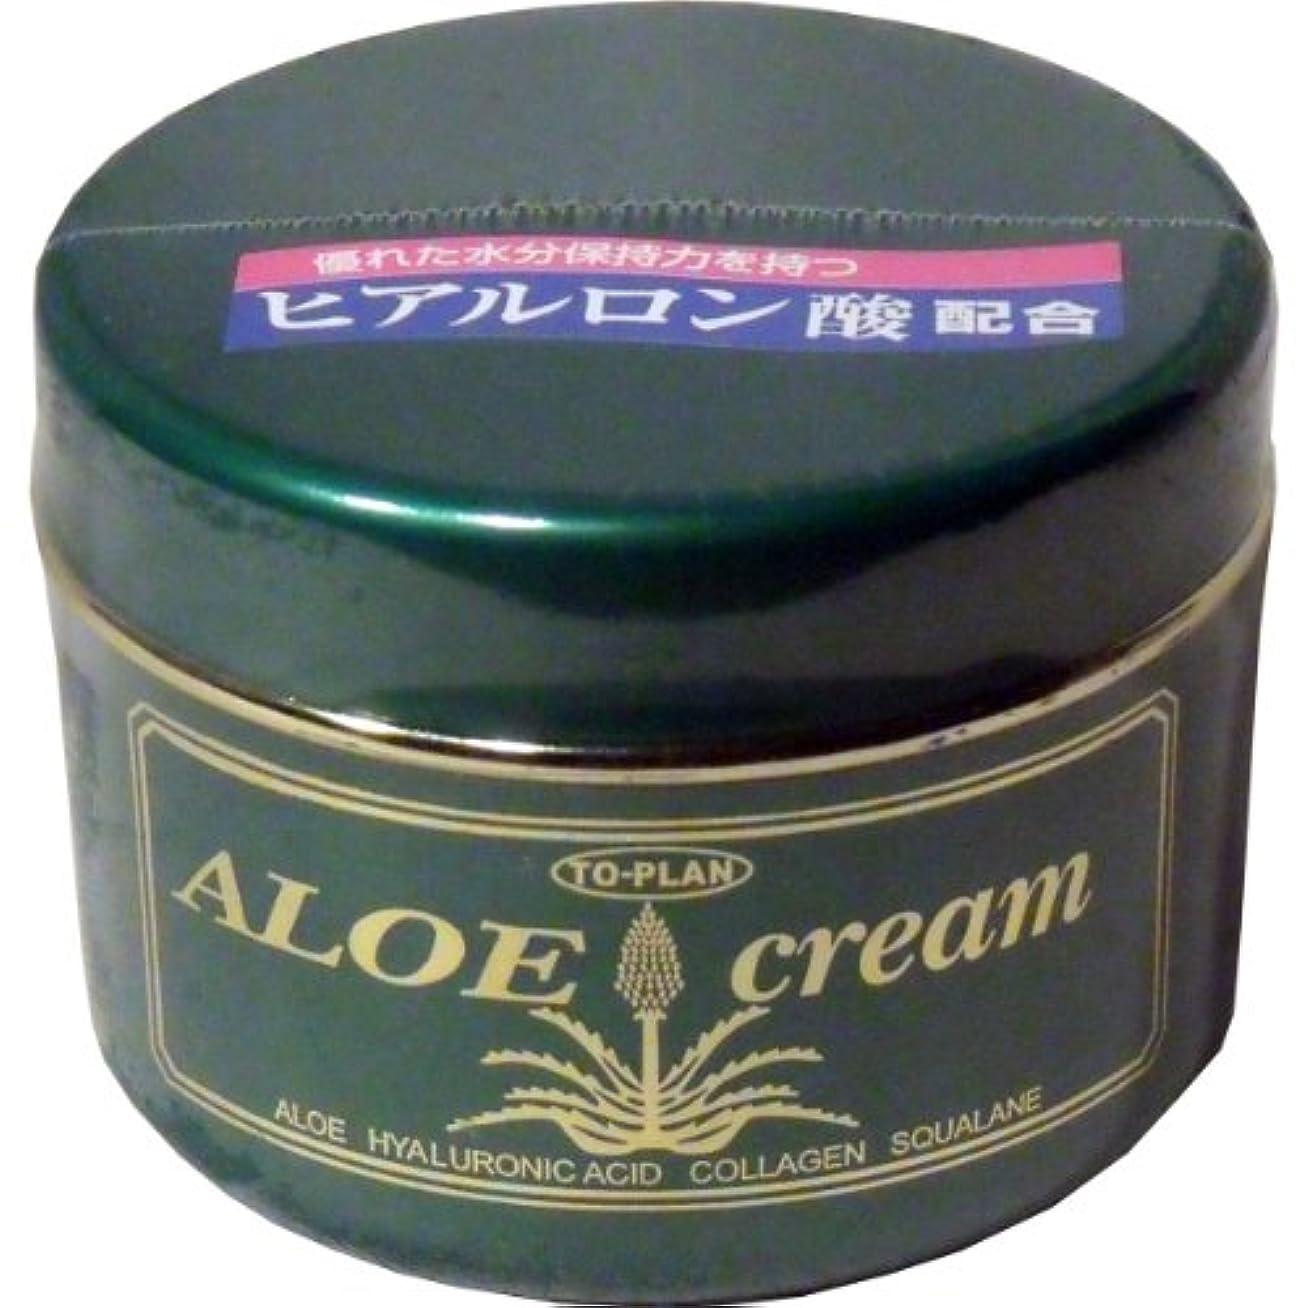 規範しつけジャンクショントプラン ハーブフレッシュクリーム(アロエクリーム) ヒアルロン酸 170g ×5個セット